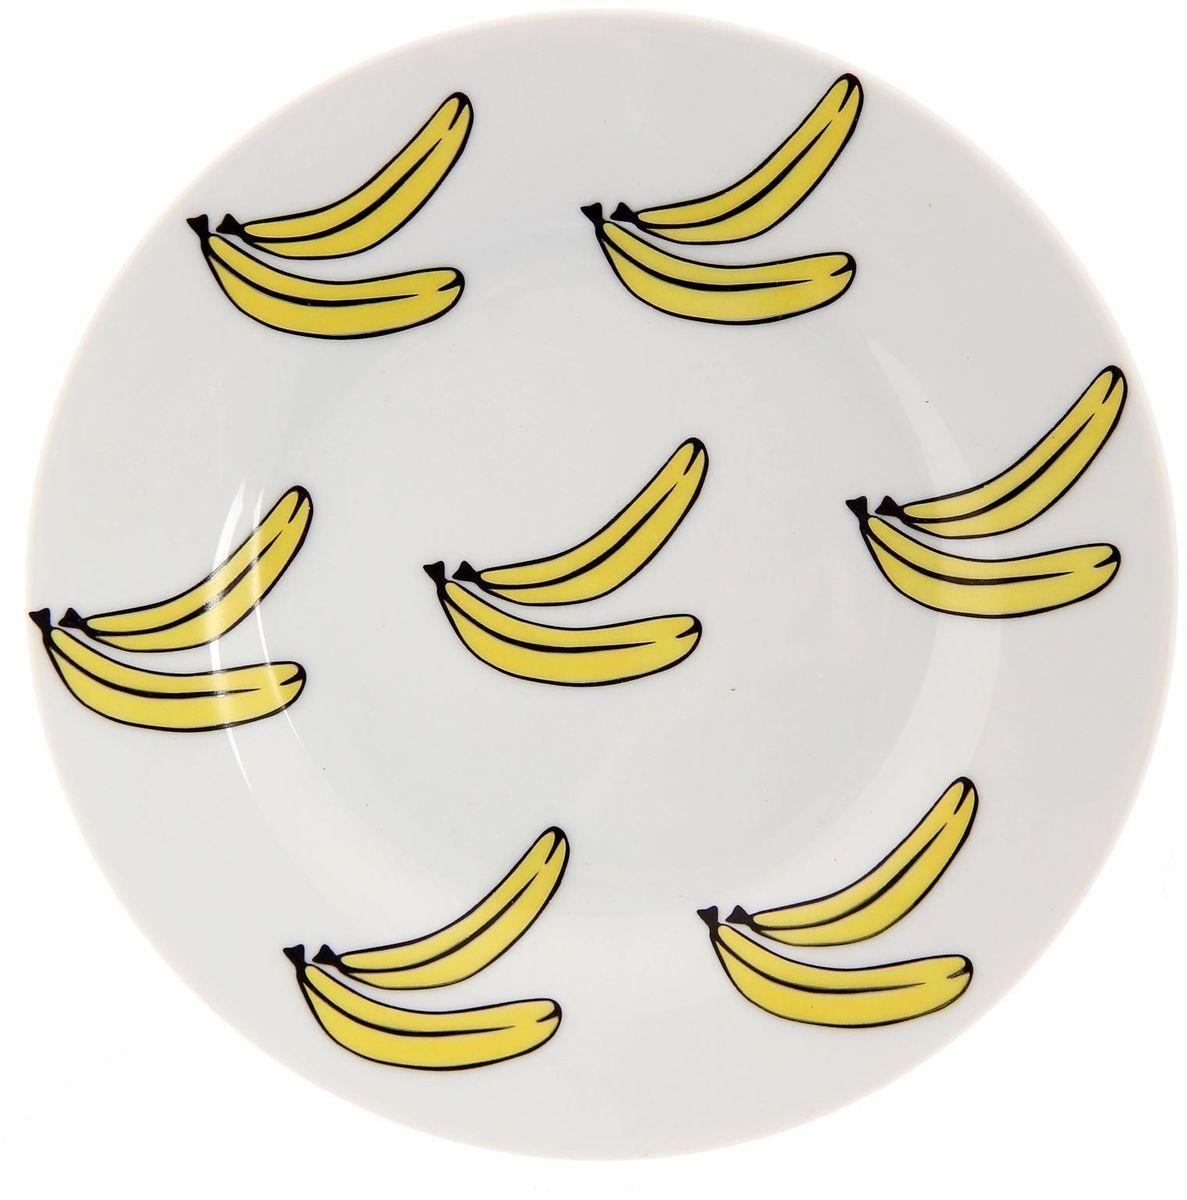 Тарелка мелкая Сотвори чудо Бананы, диаметр 15,5 см2277853Хотите обновить интерьер кухни или гостиной? Устраиваете необычную фотосессию или тематический праздник? А может, просто ищете подарок для близкого человека? Посуда Сотвори Чудо — правильный выбор в любой ситуации. Тарелка Сотвори Чудо, изготовленная из изящного фаянса нежного сливочного цвета, оформлена оригинальным рисунком со стойкой краской. Пригодна для посудомоечной машины.